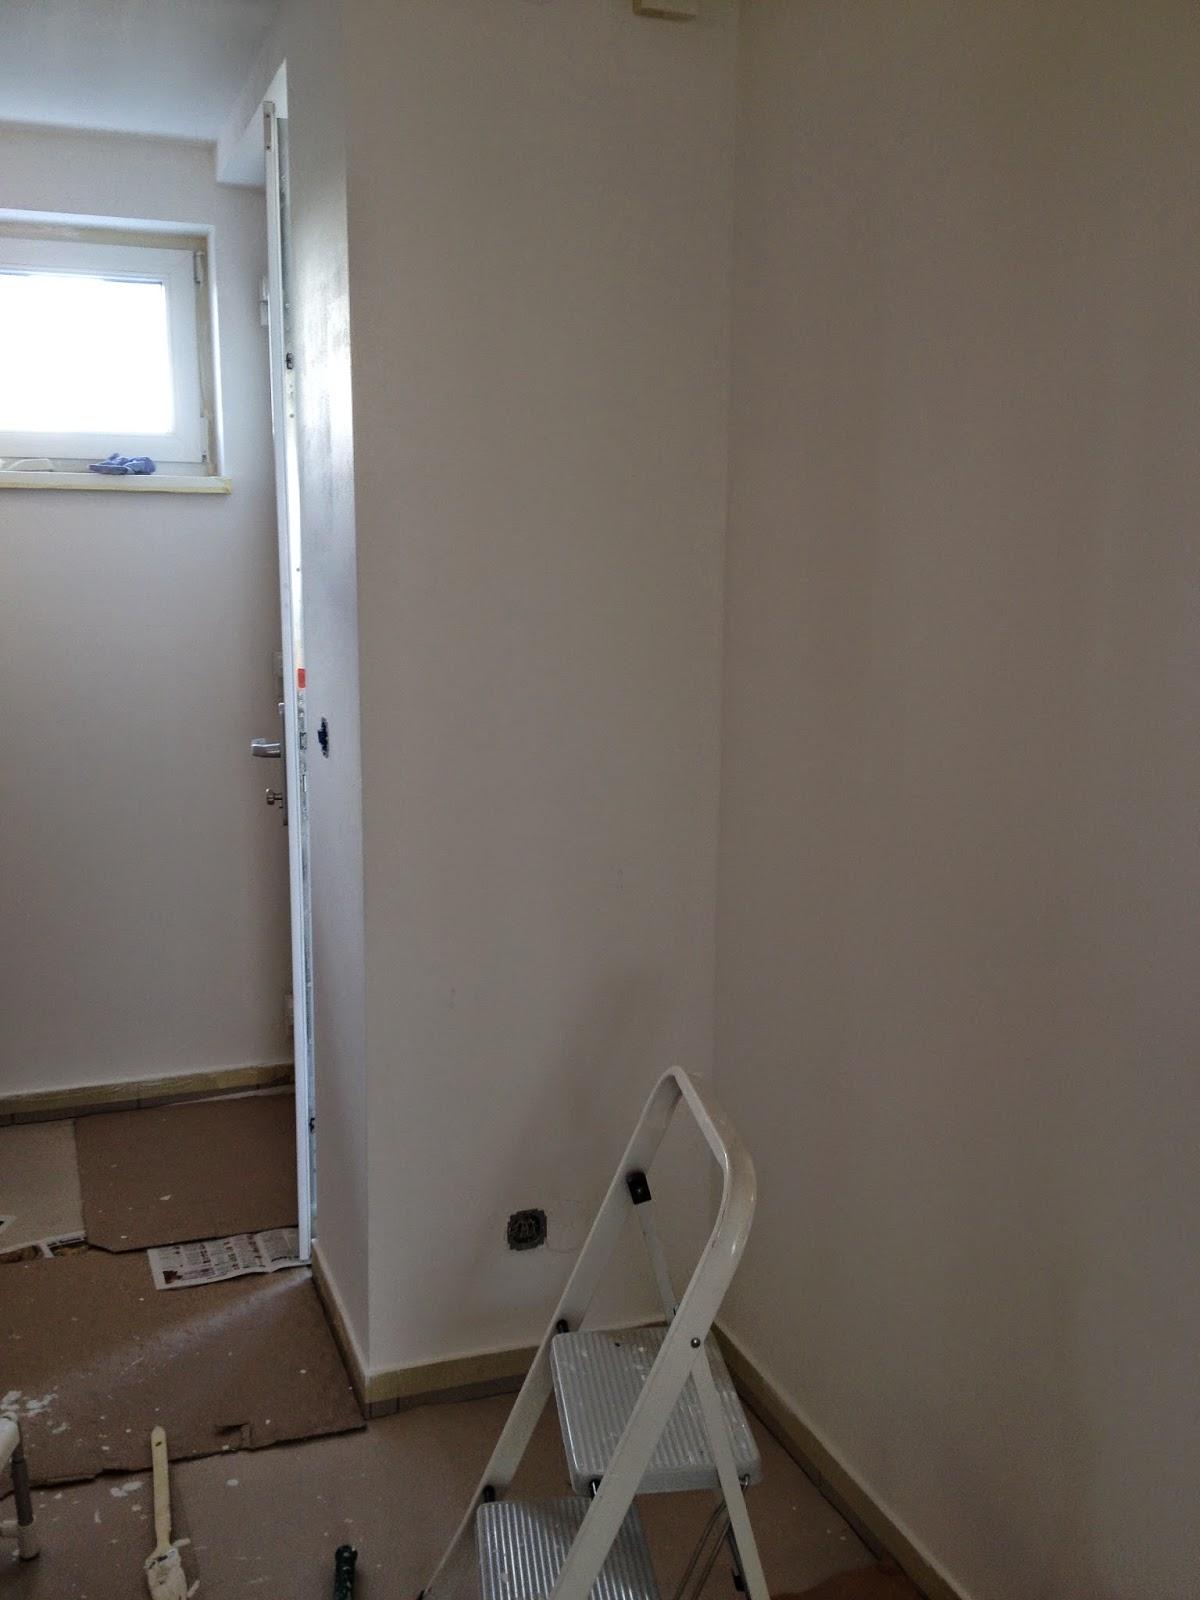 anita 39 s kreative ecke renovierung abeschlossen ich liebe mein neues vorzimmer. Black Bedroom Furniture Sets. Home Design Ideas